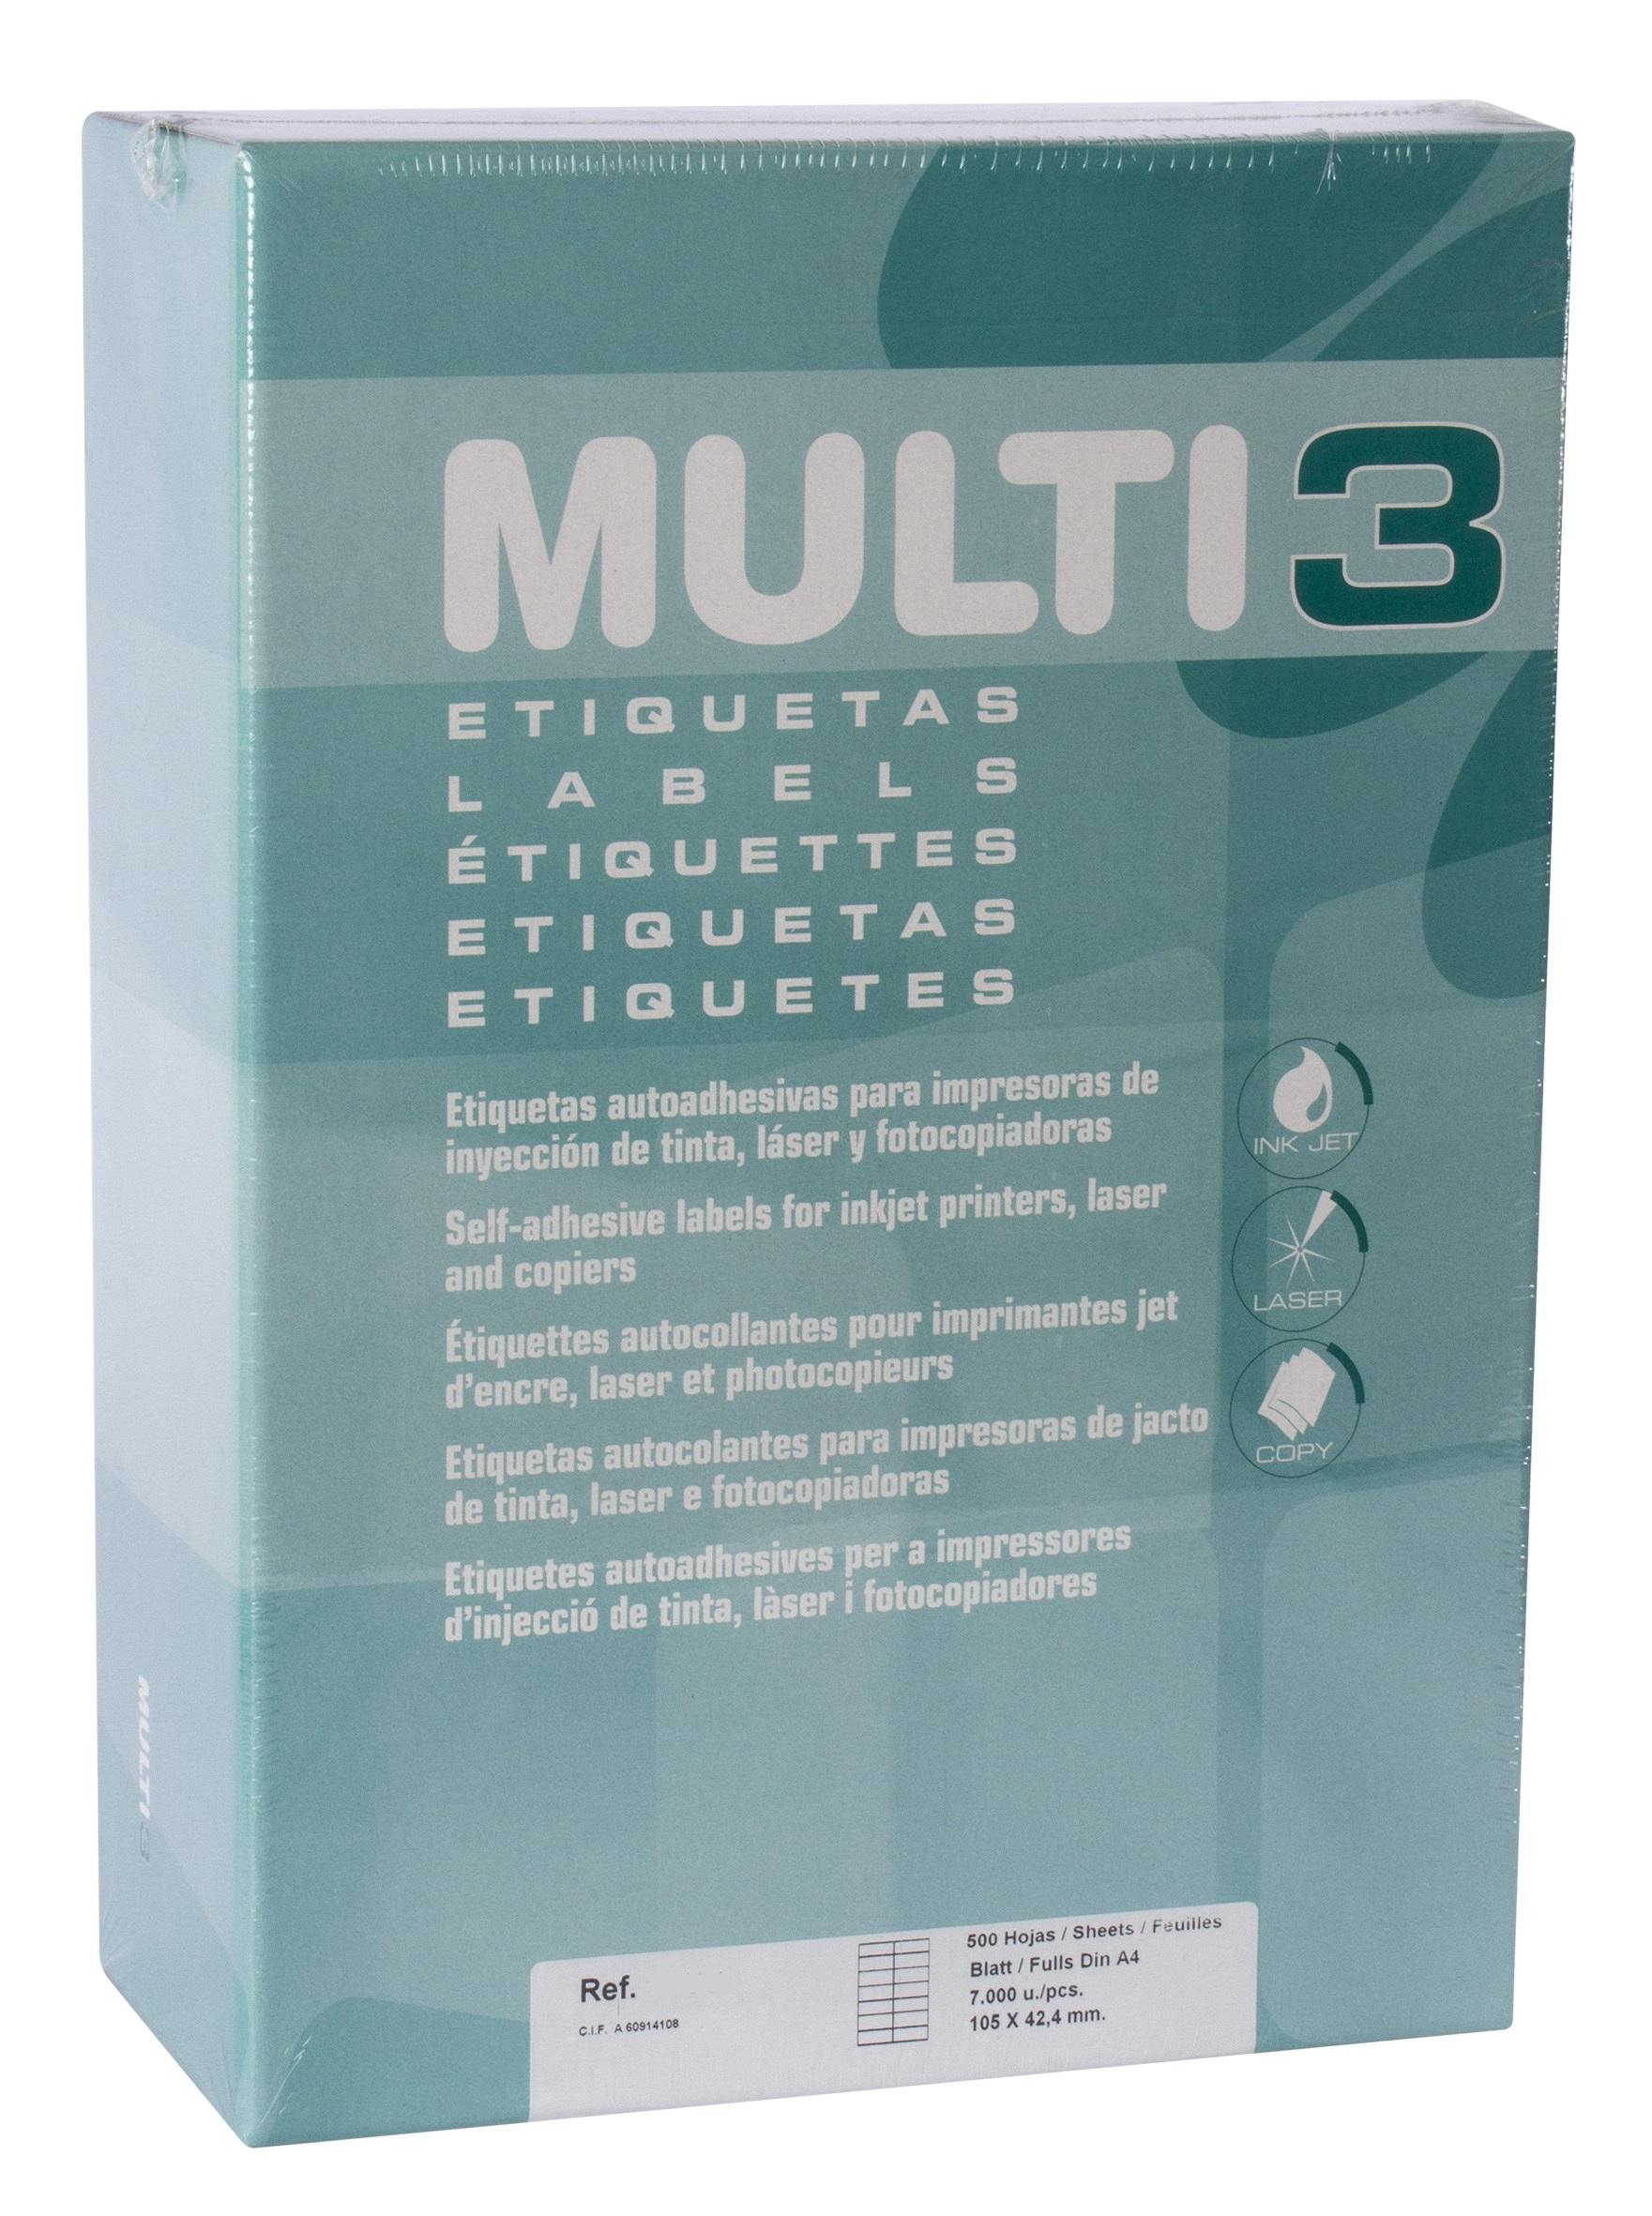 Caja etiquetas Multi3 500h 210x297